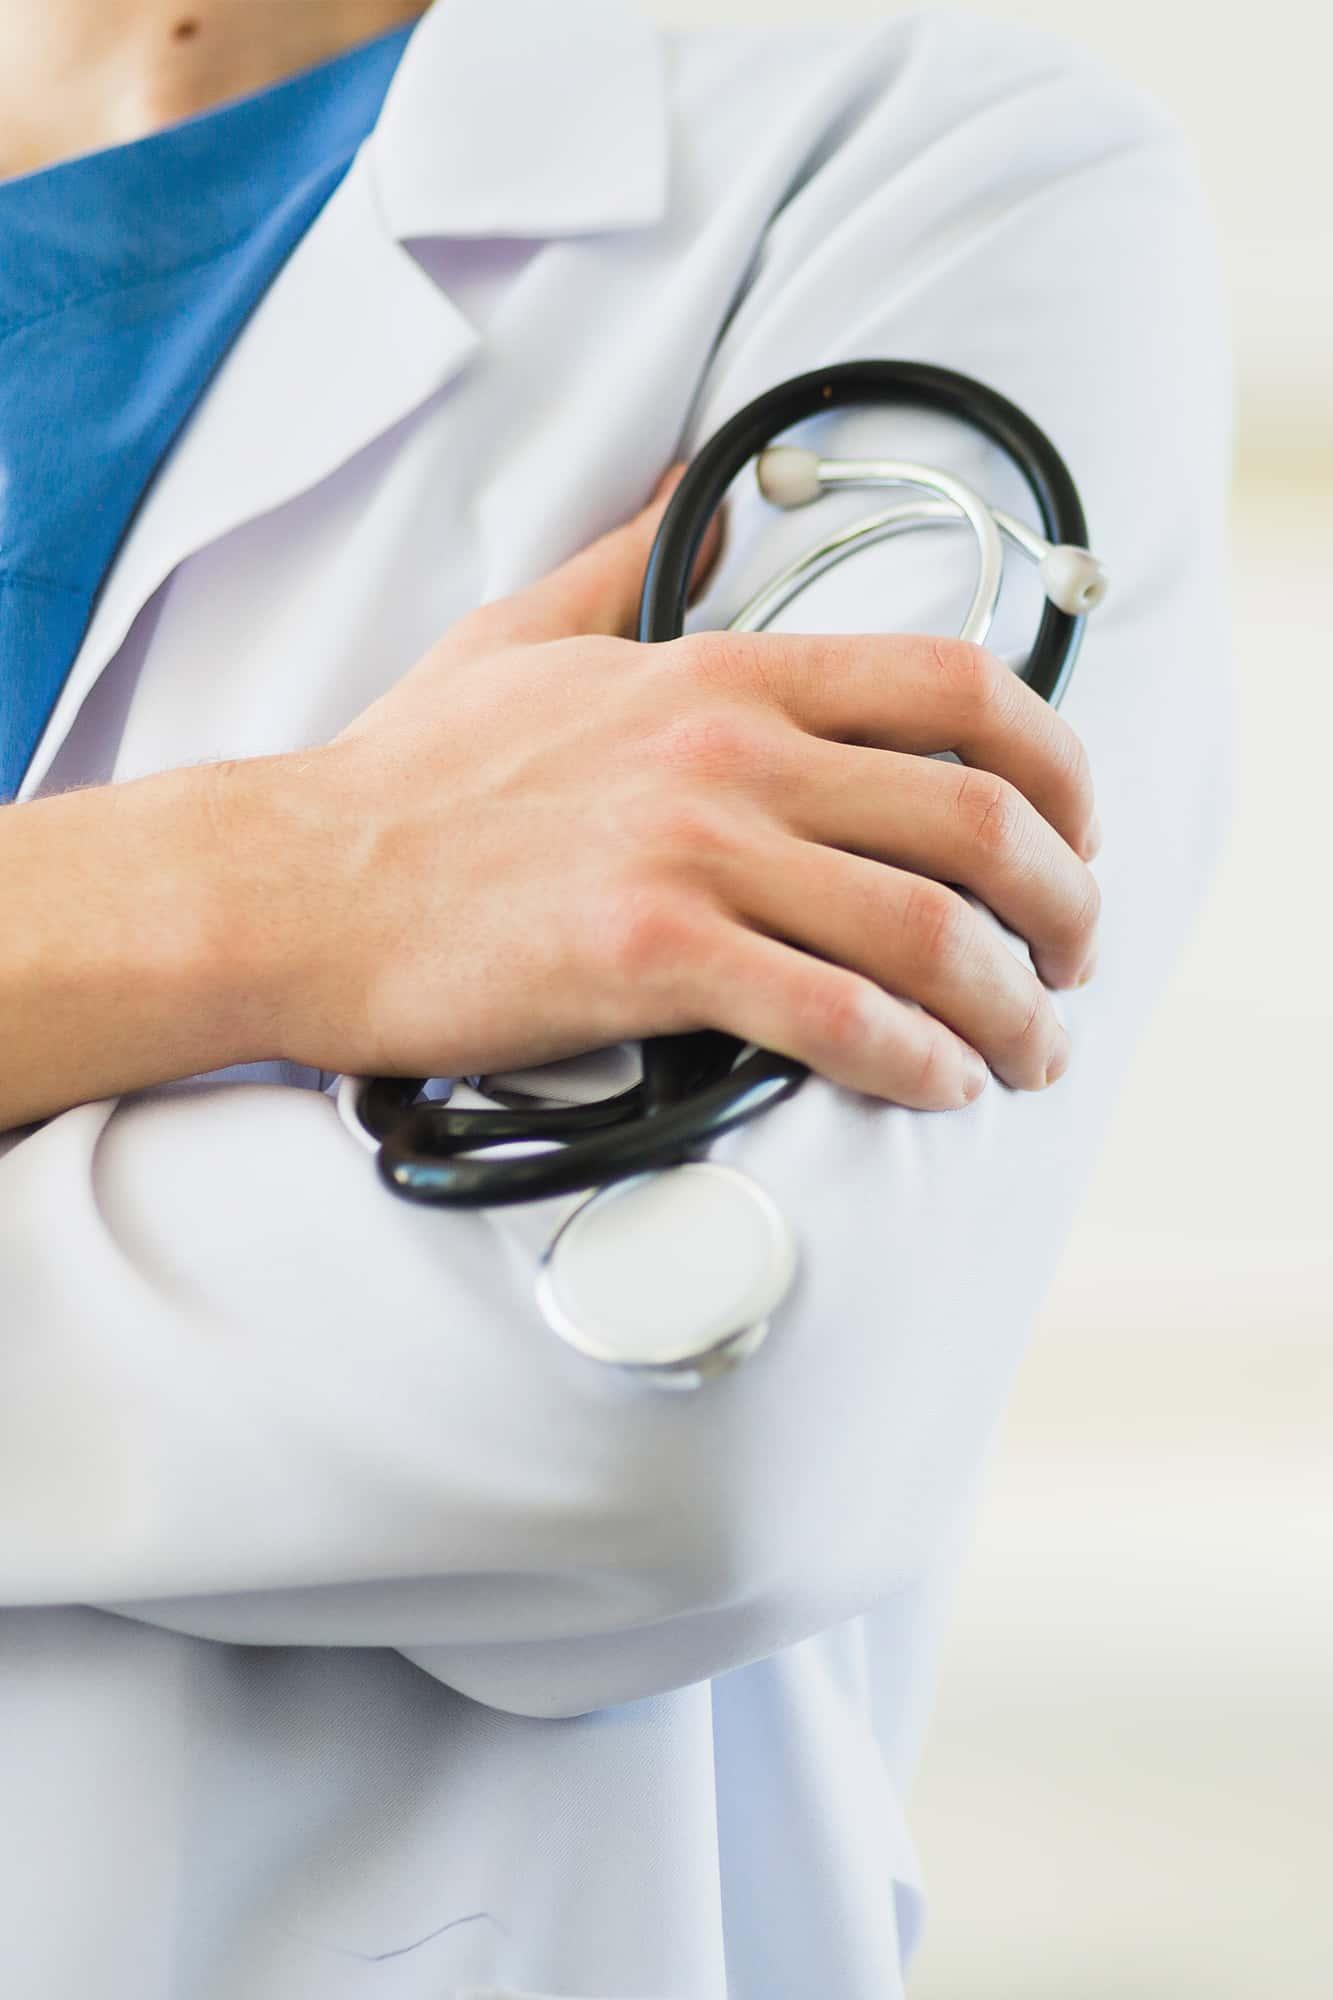 Farmacia Nuti - Farmacisti online specializzati